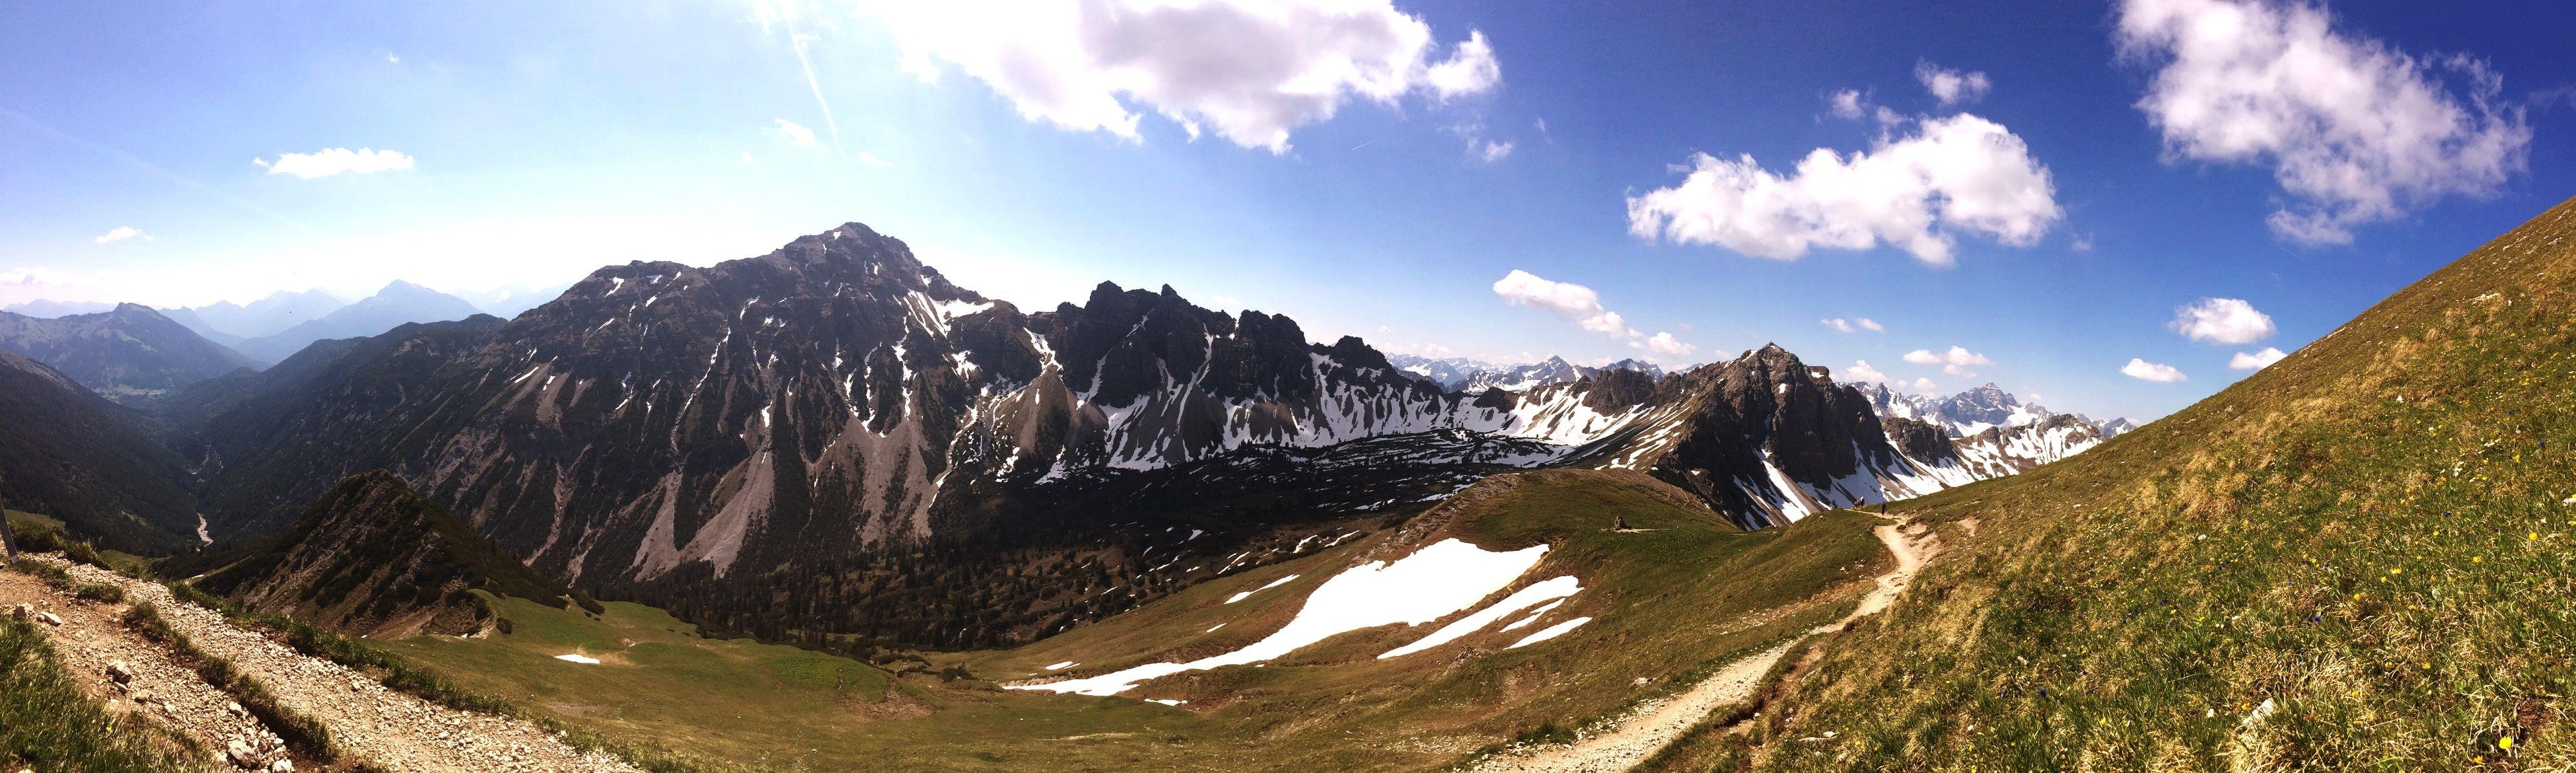 Wandern Mountain View Hiking Landscape Wanderlust